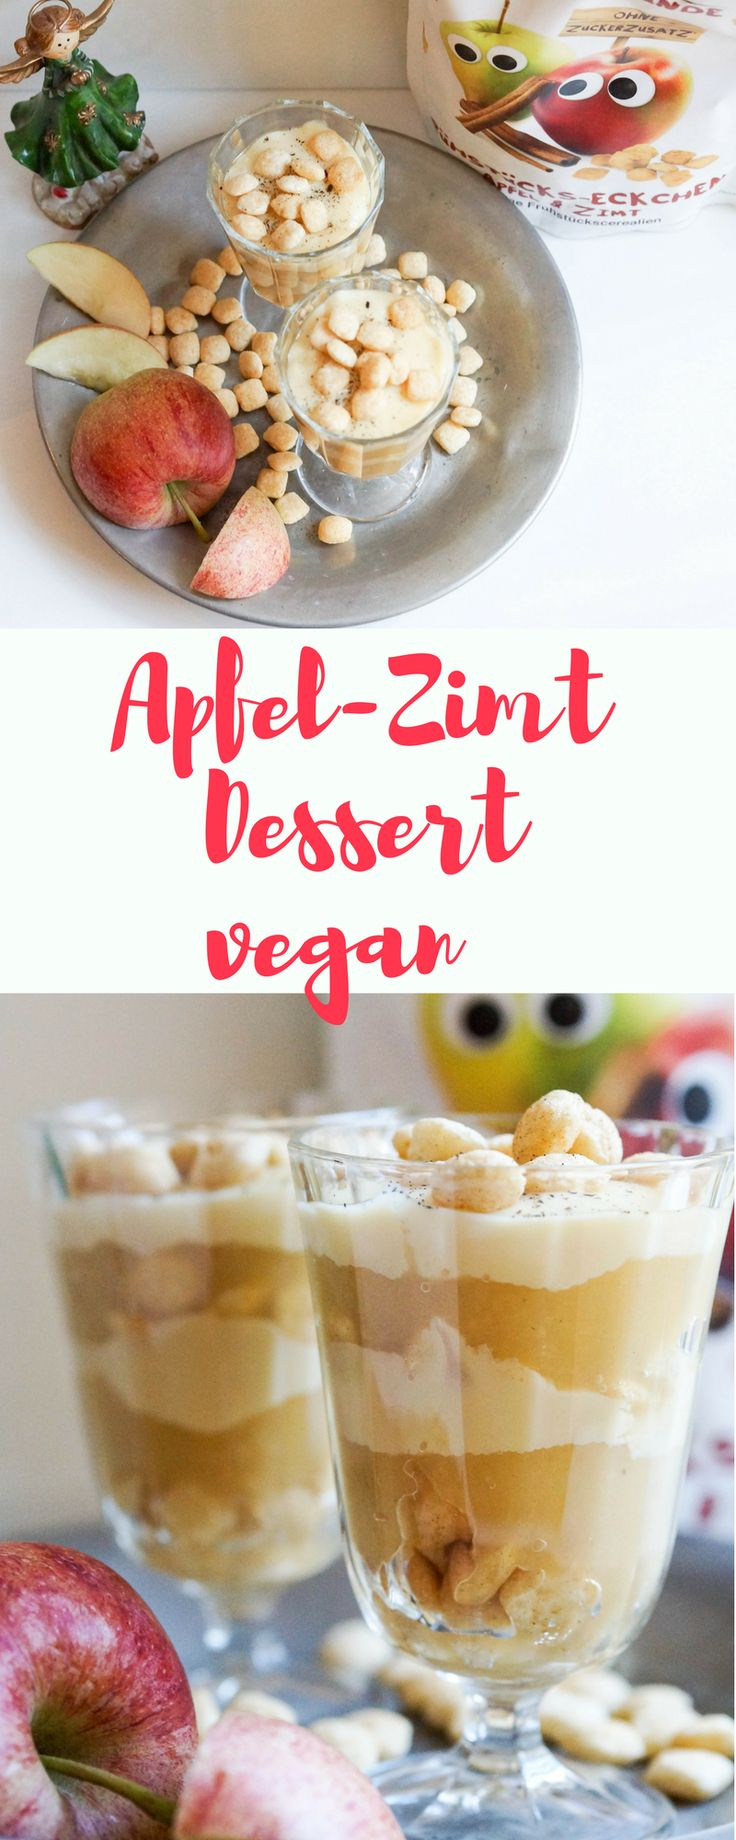 Ein leckeres veganes Rezept für Groß und Klein!  #werbung #dessert #Weihnachten #RezeptefürKinder #Kinder #Food #rezept #vegan